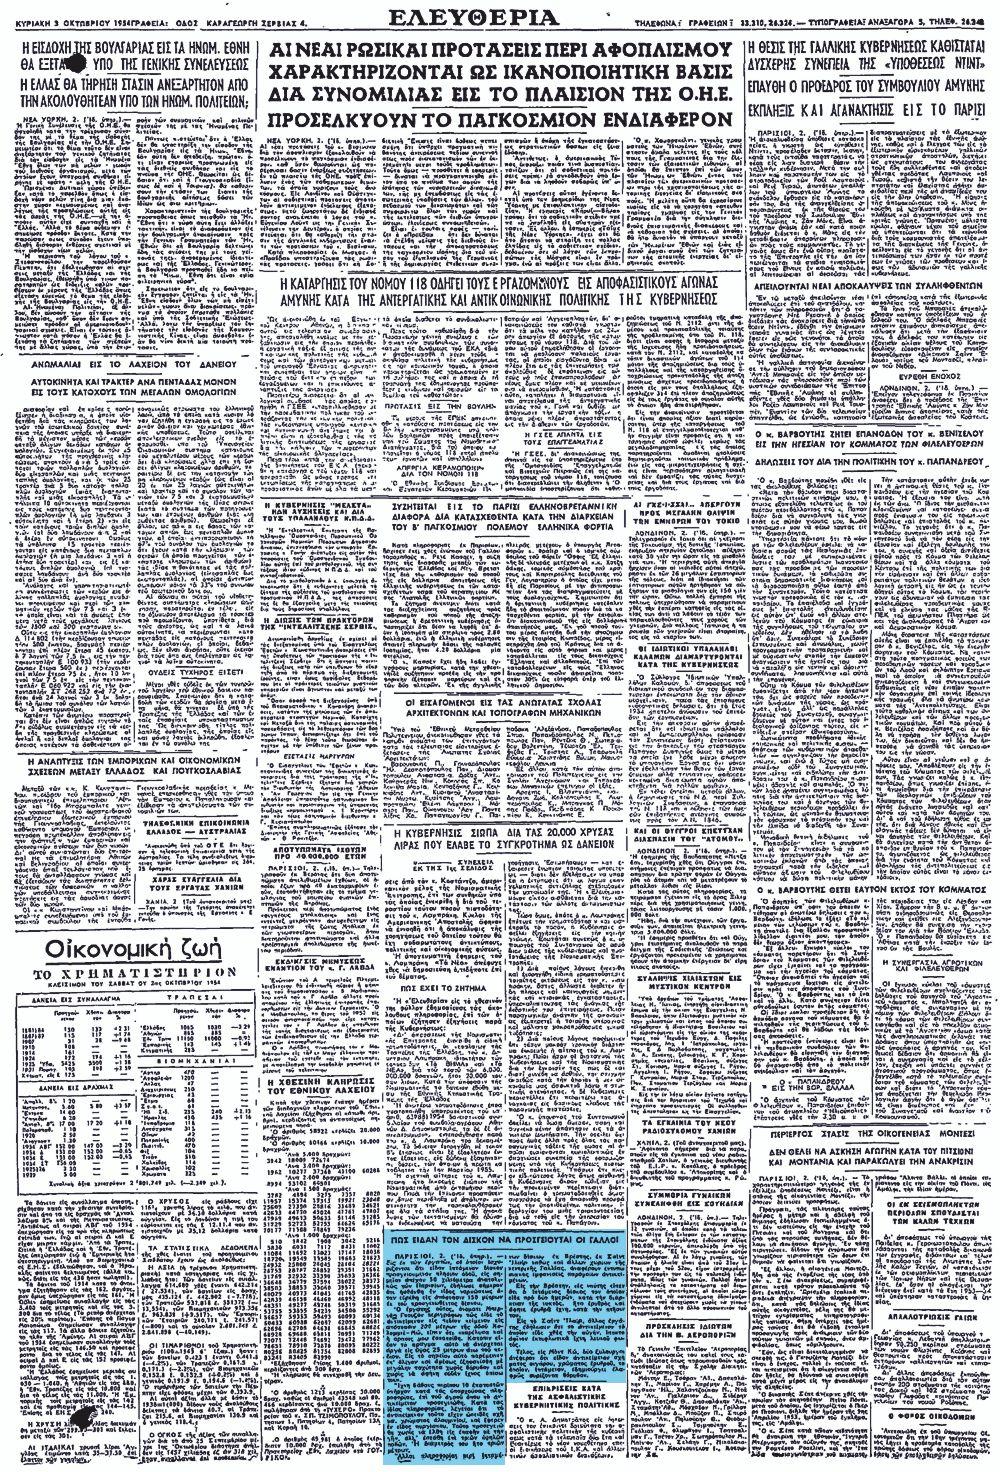 """Το άρθρο, όπως δημοσιεύθηκε στην εφημερίδα """"ΕΛΕΥΘΕΡΙΑ"""", στις 03/10/1954"""